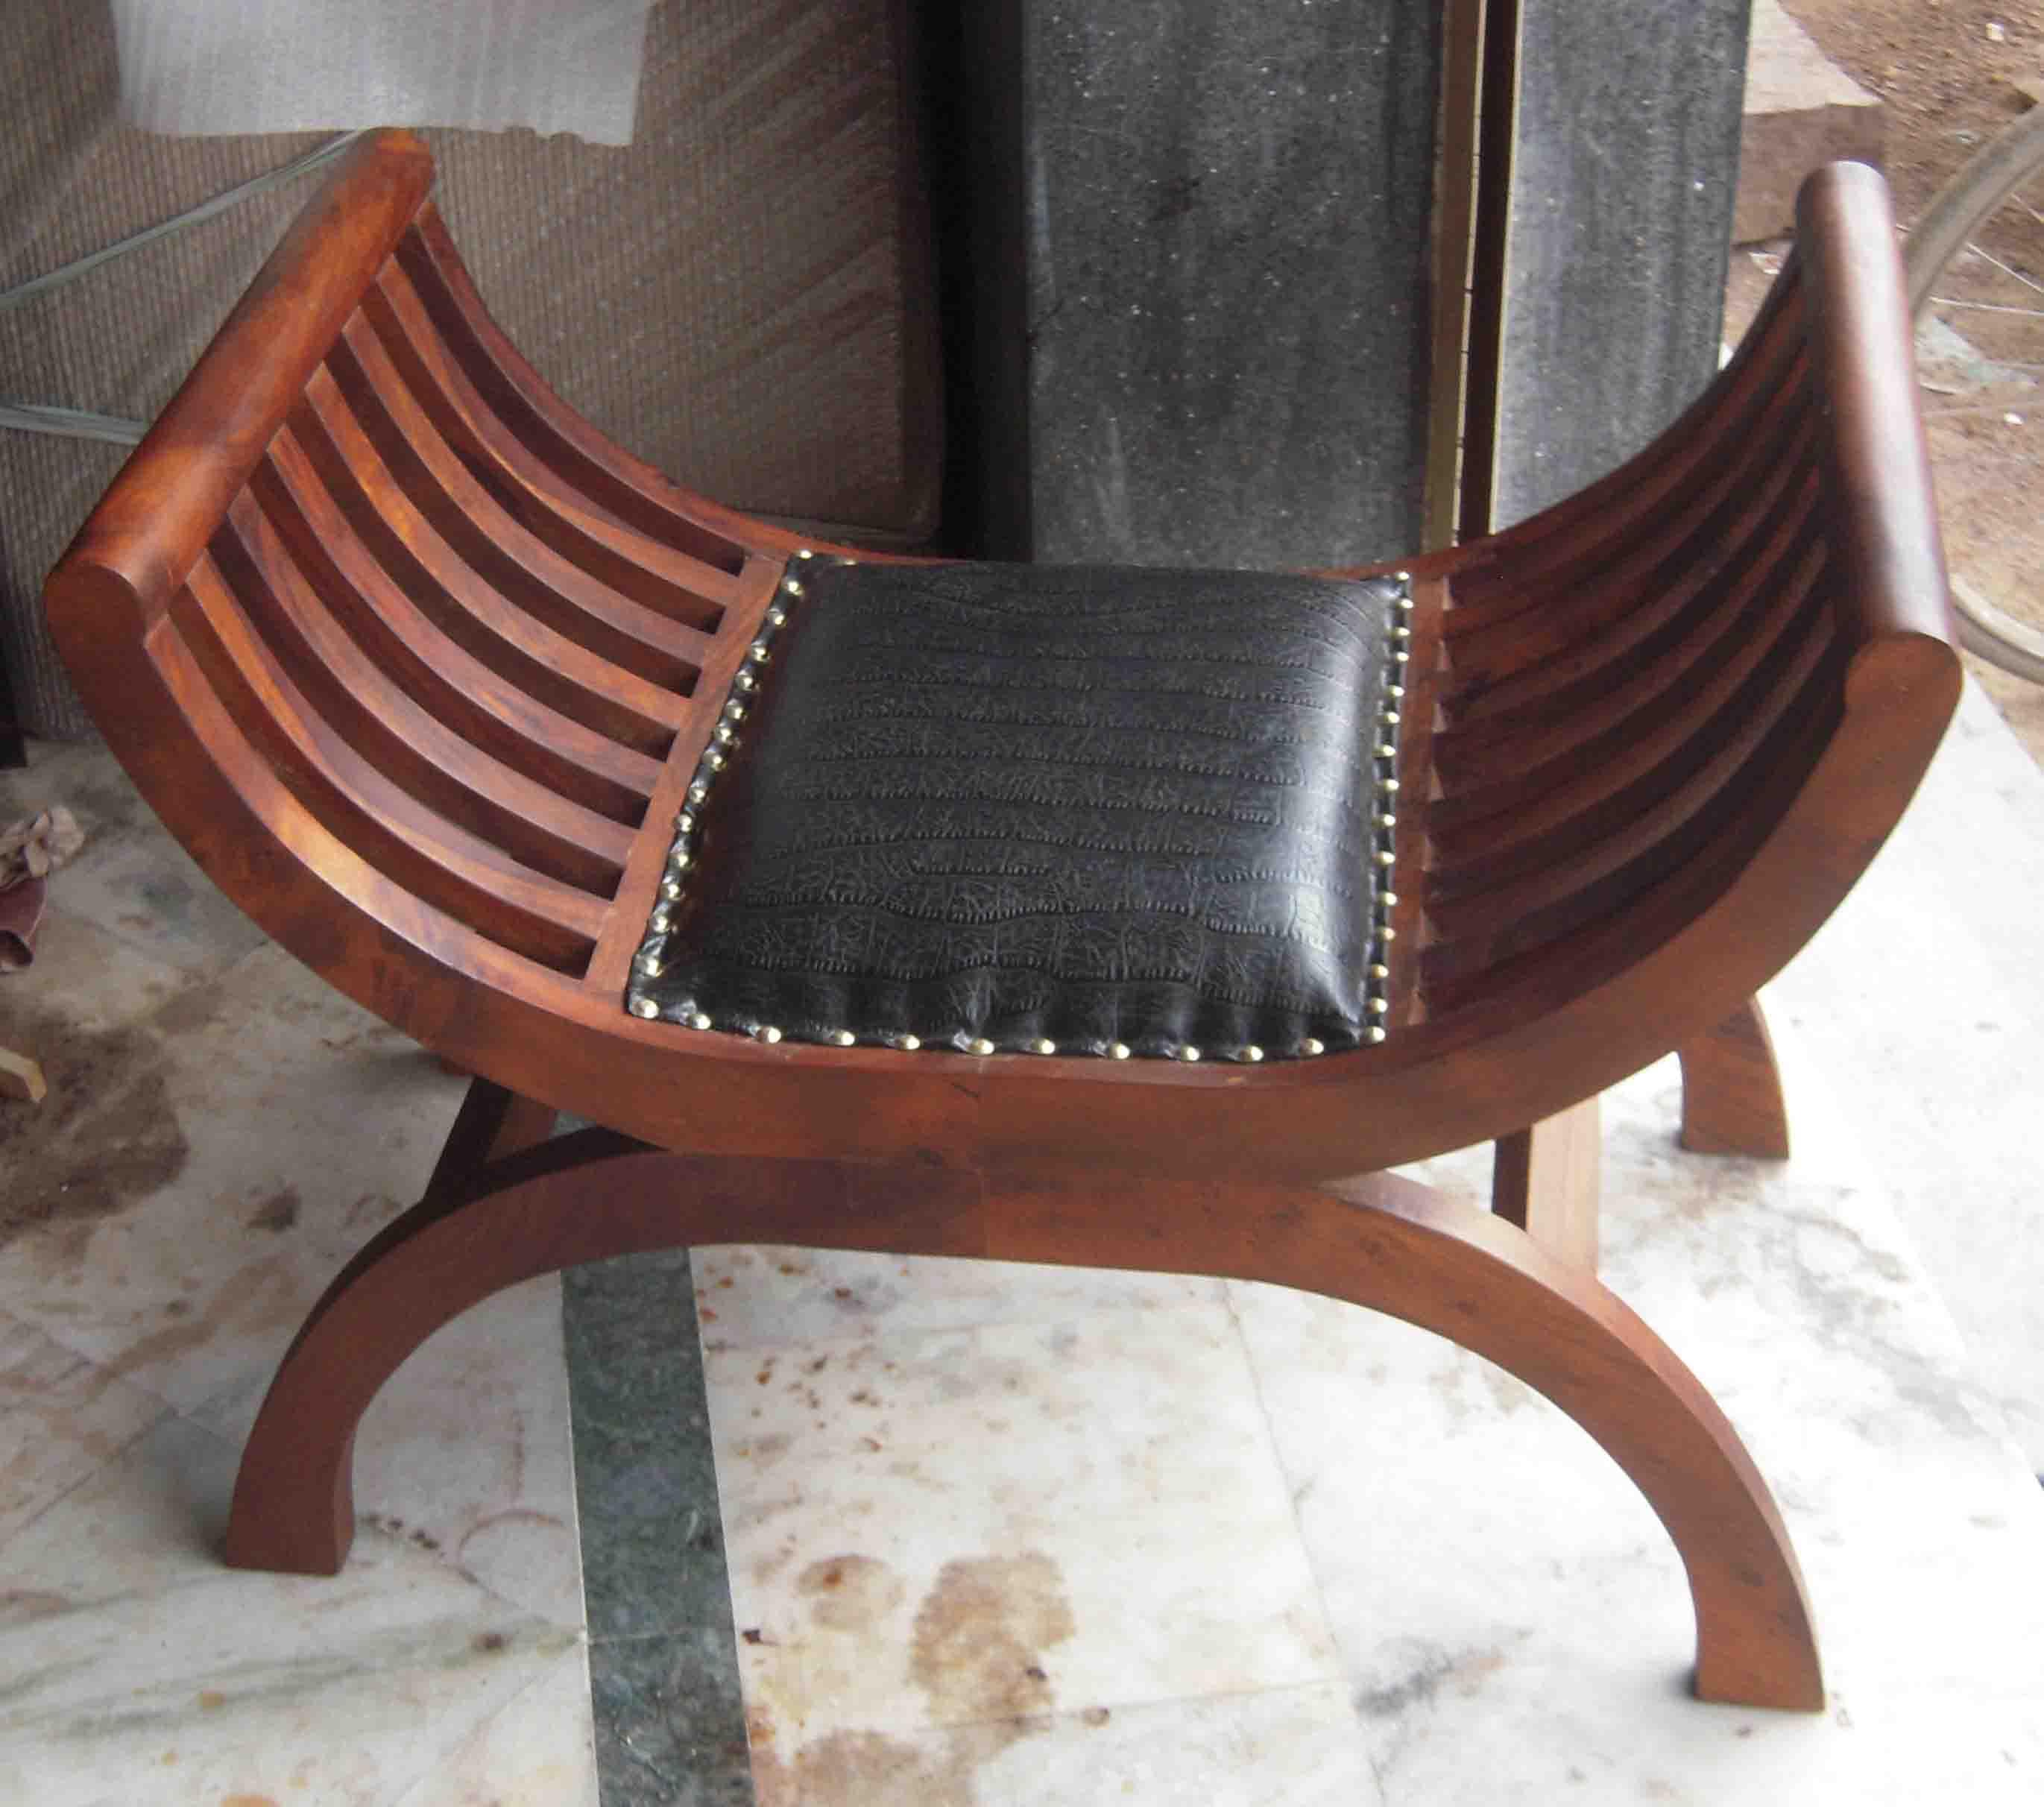 Indian Restaurant Furniture Supplier Online Restaurant